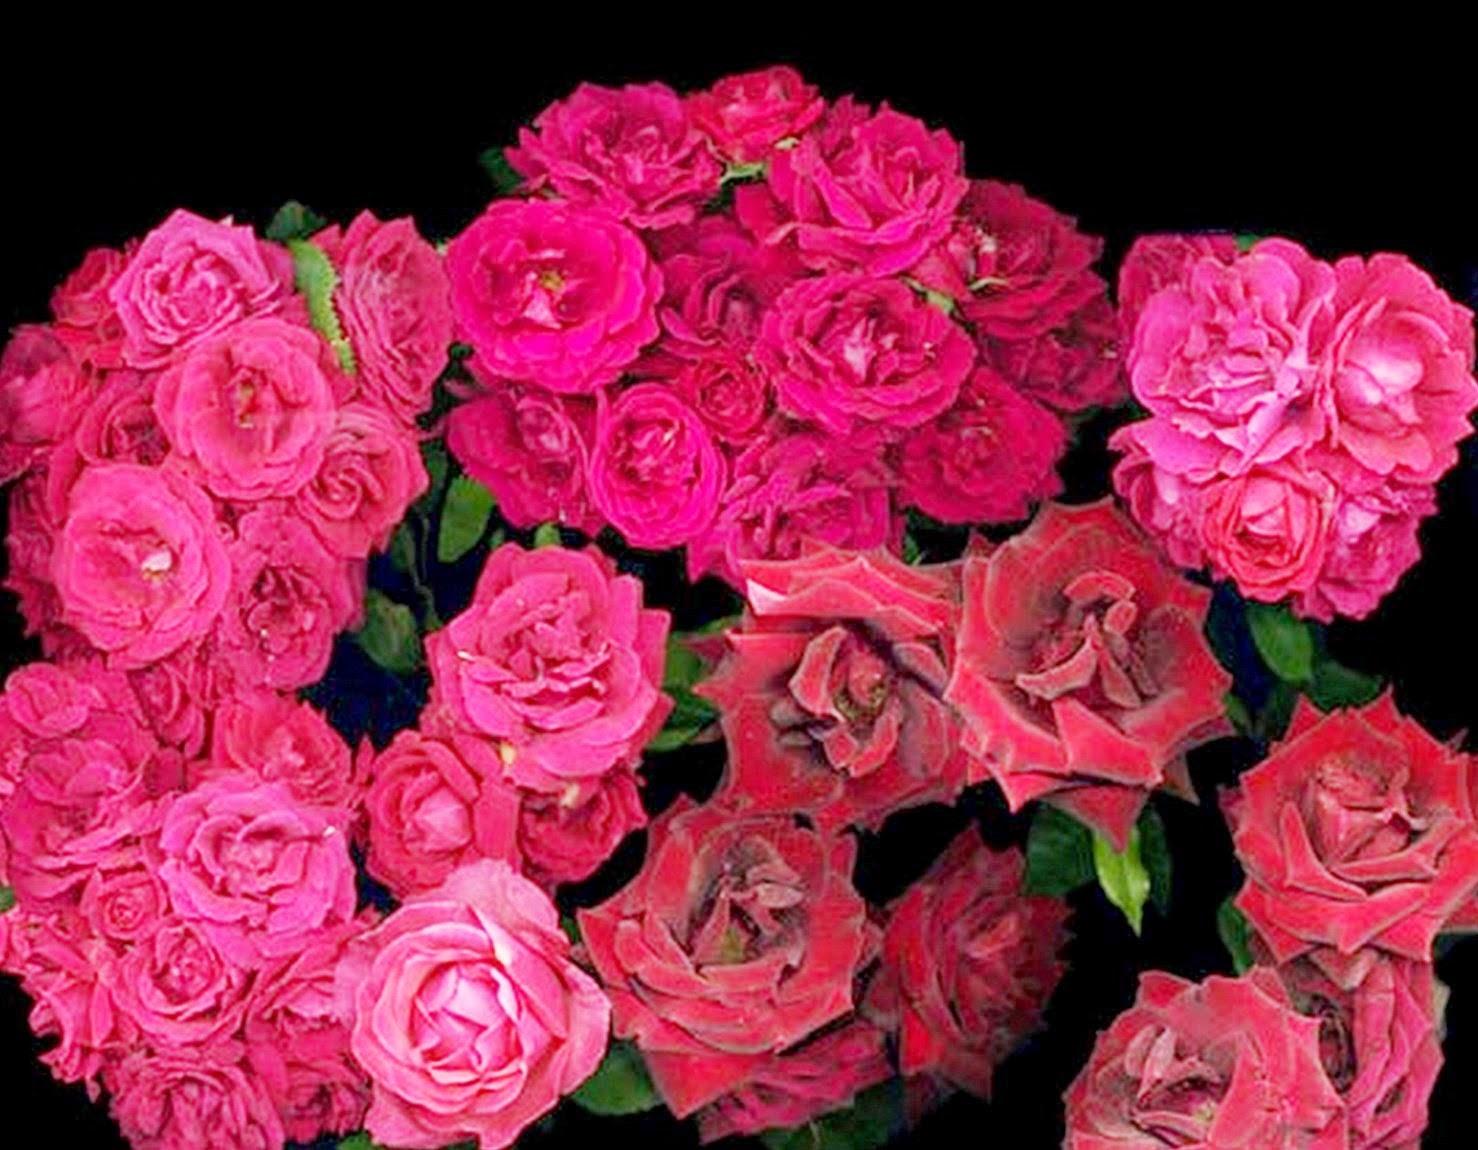 cuadros-de-flores-fotografias